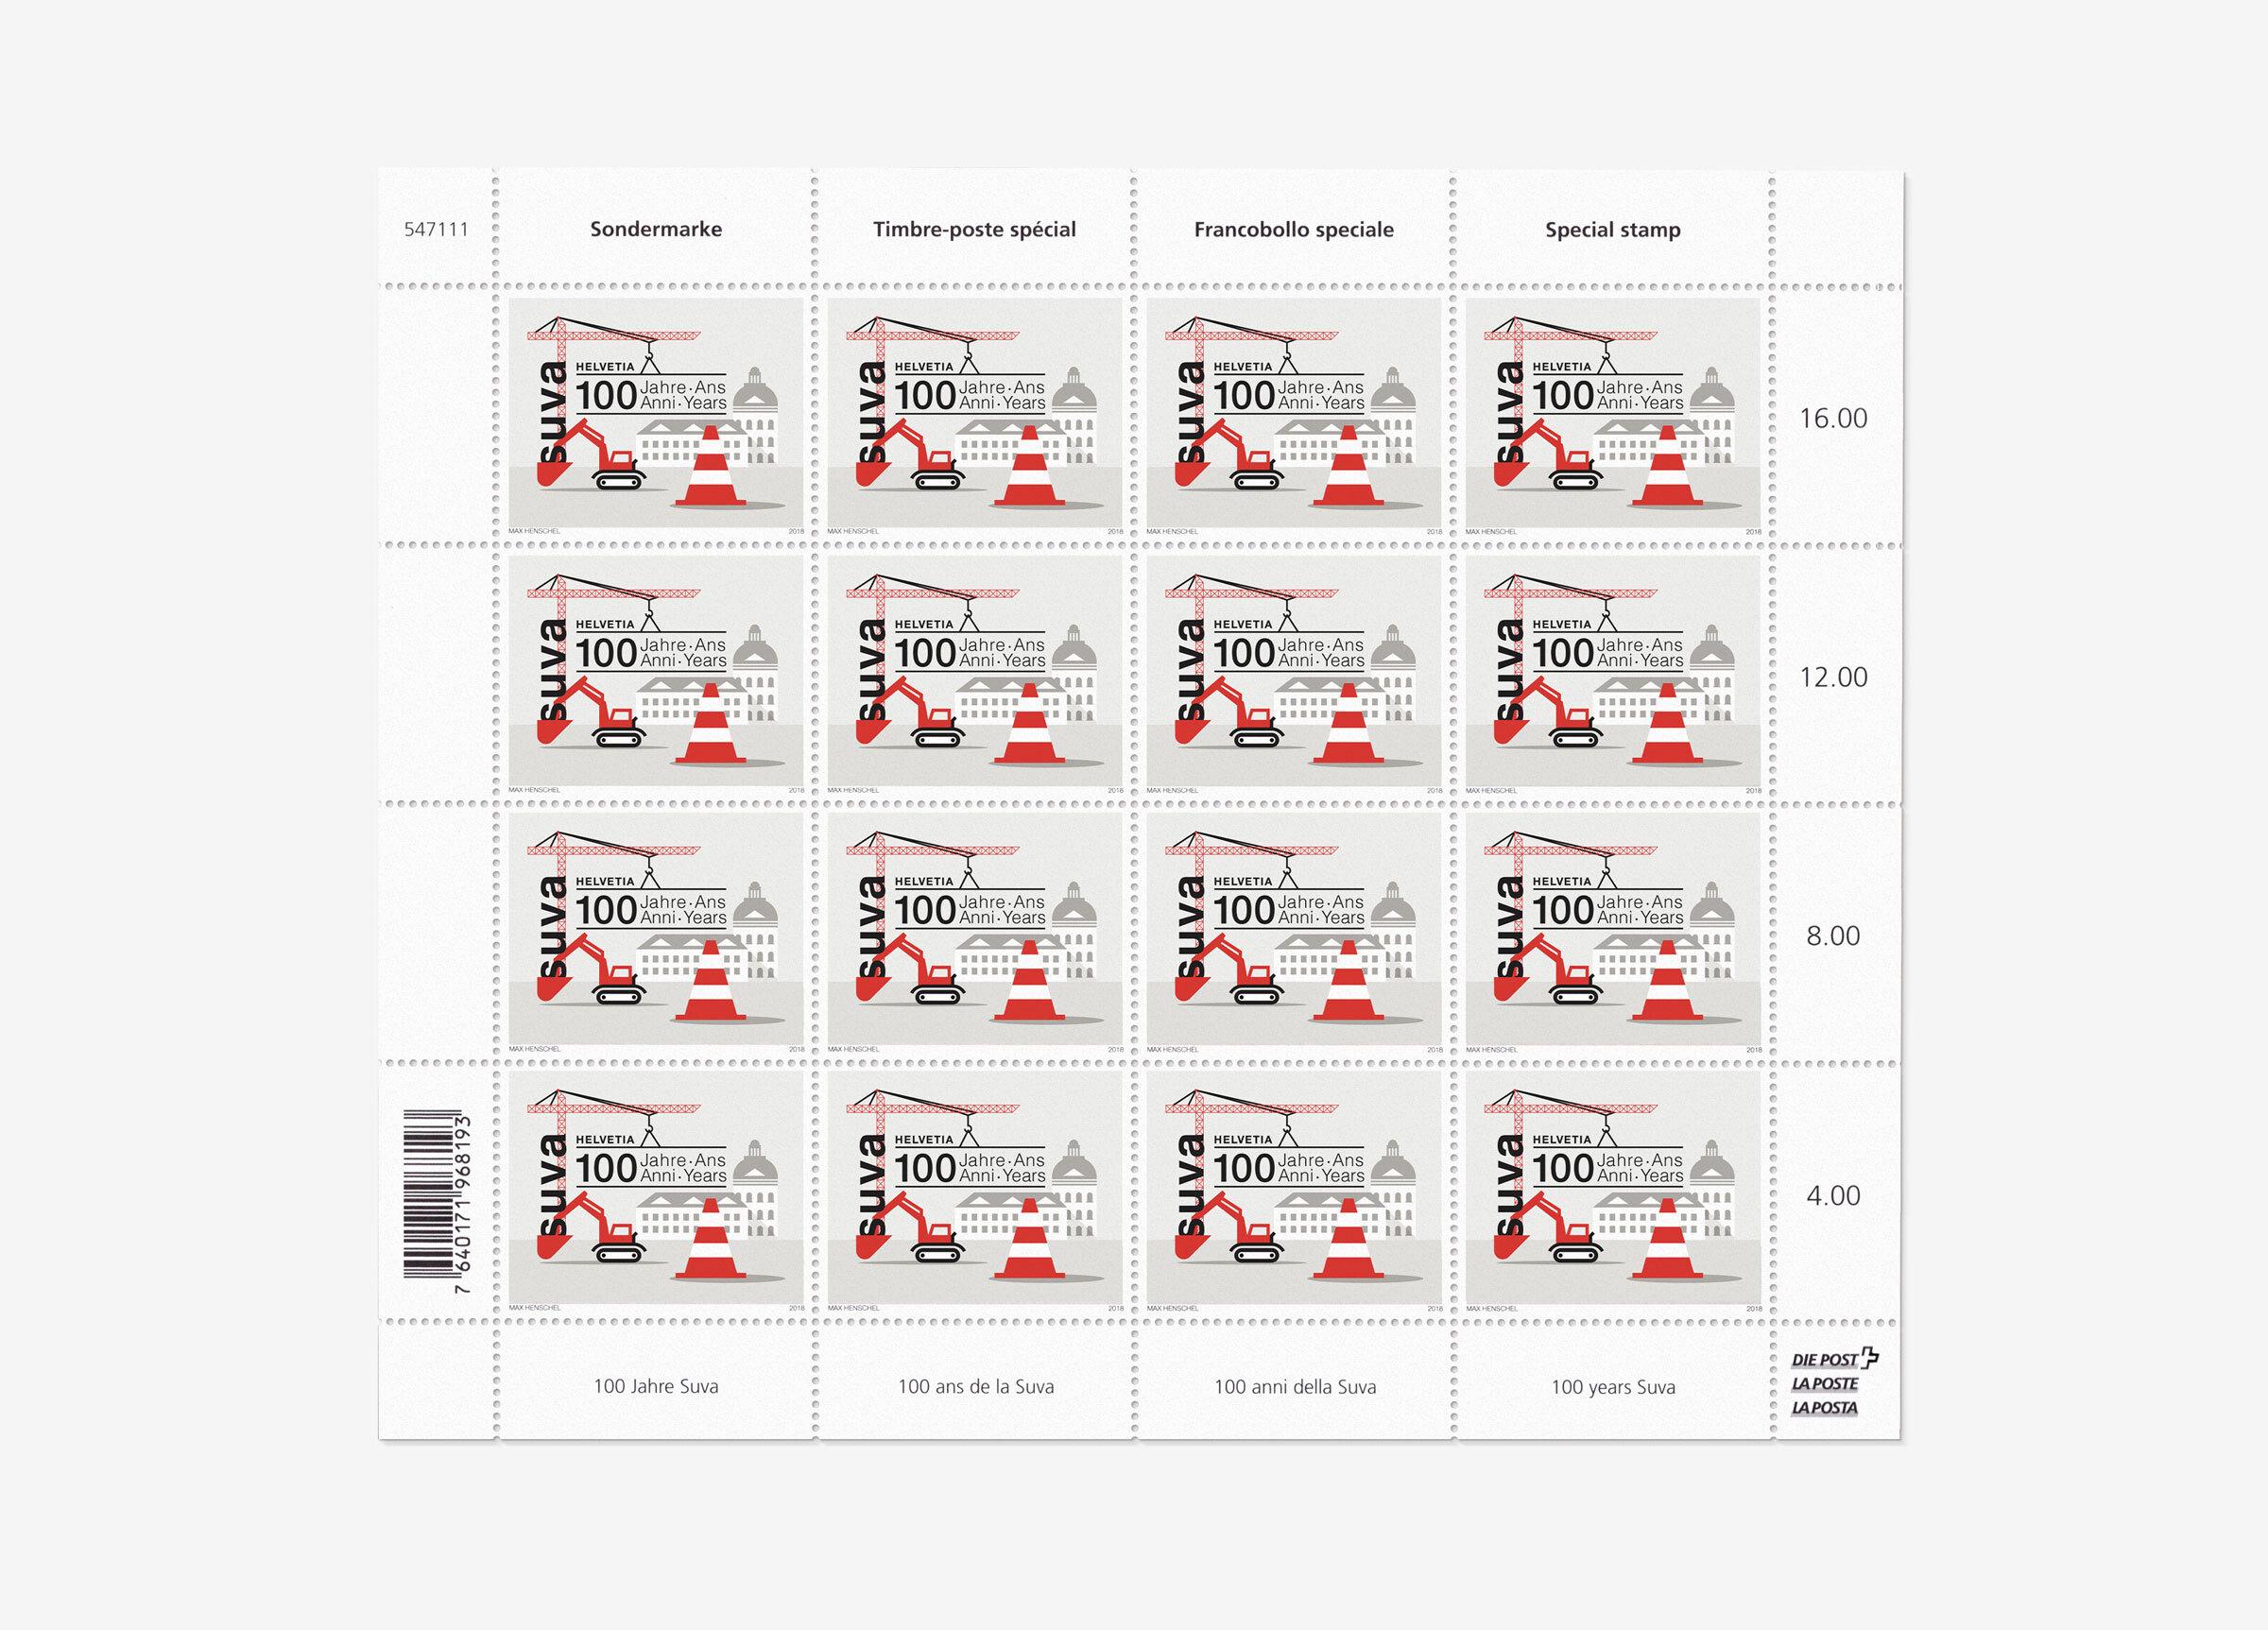 Suva Markendesign Maxhenschel 03 01 MHG Bern